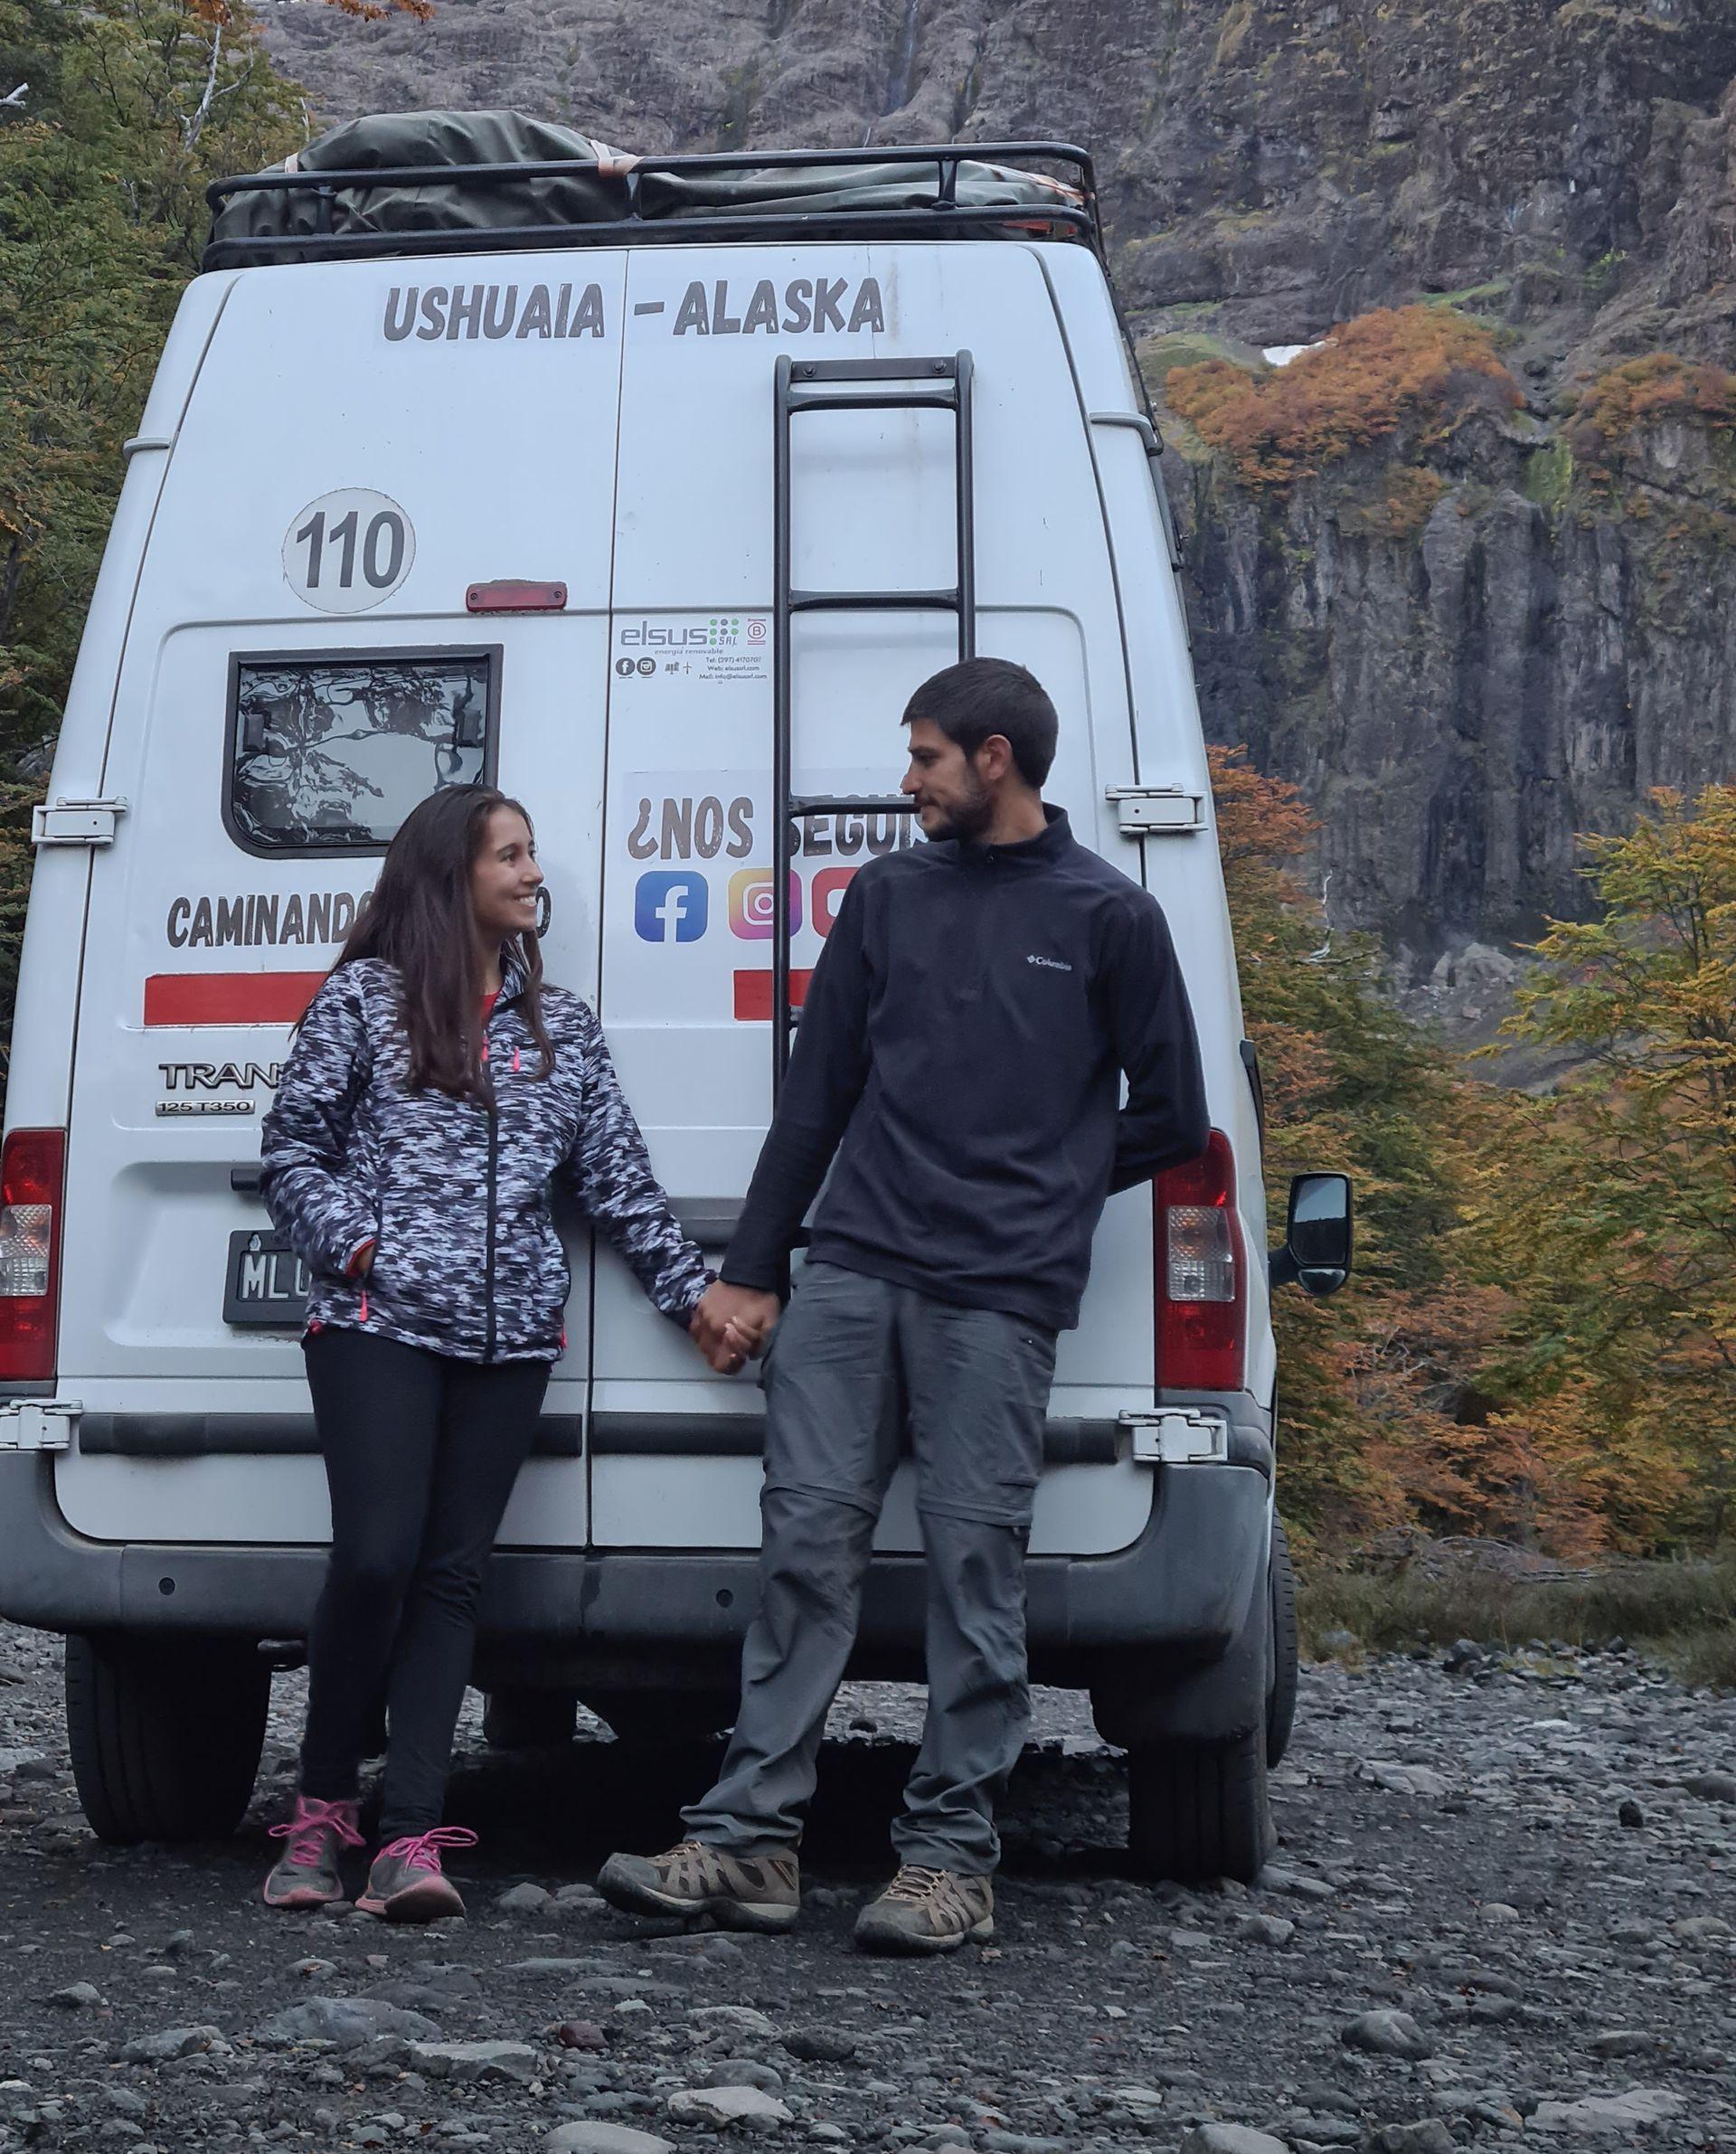 Solventan el viaje con el canal de YouTube Caminando el Mundo y tienen una tienda online de accesorios de viaje